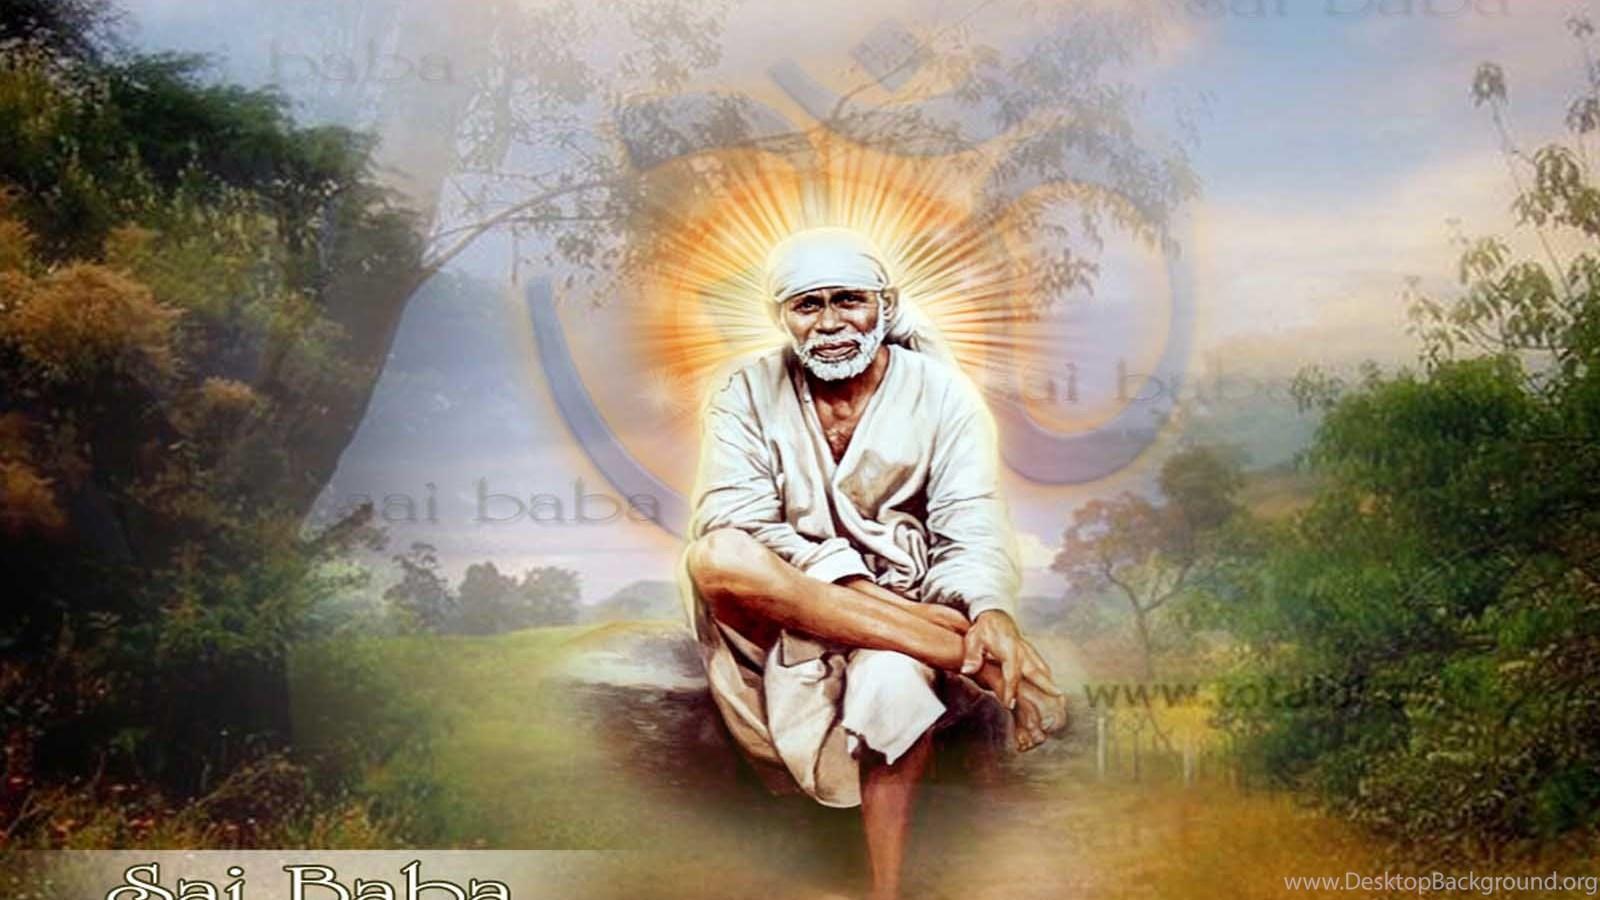 Sai Baba Wallpaper Hindu Wallpaper Sai Baba Wallpaper Gray And